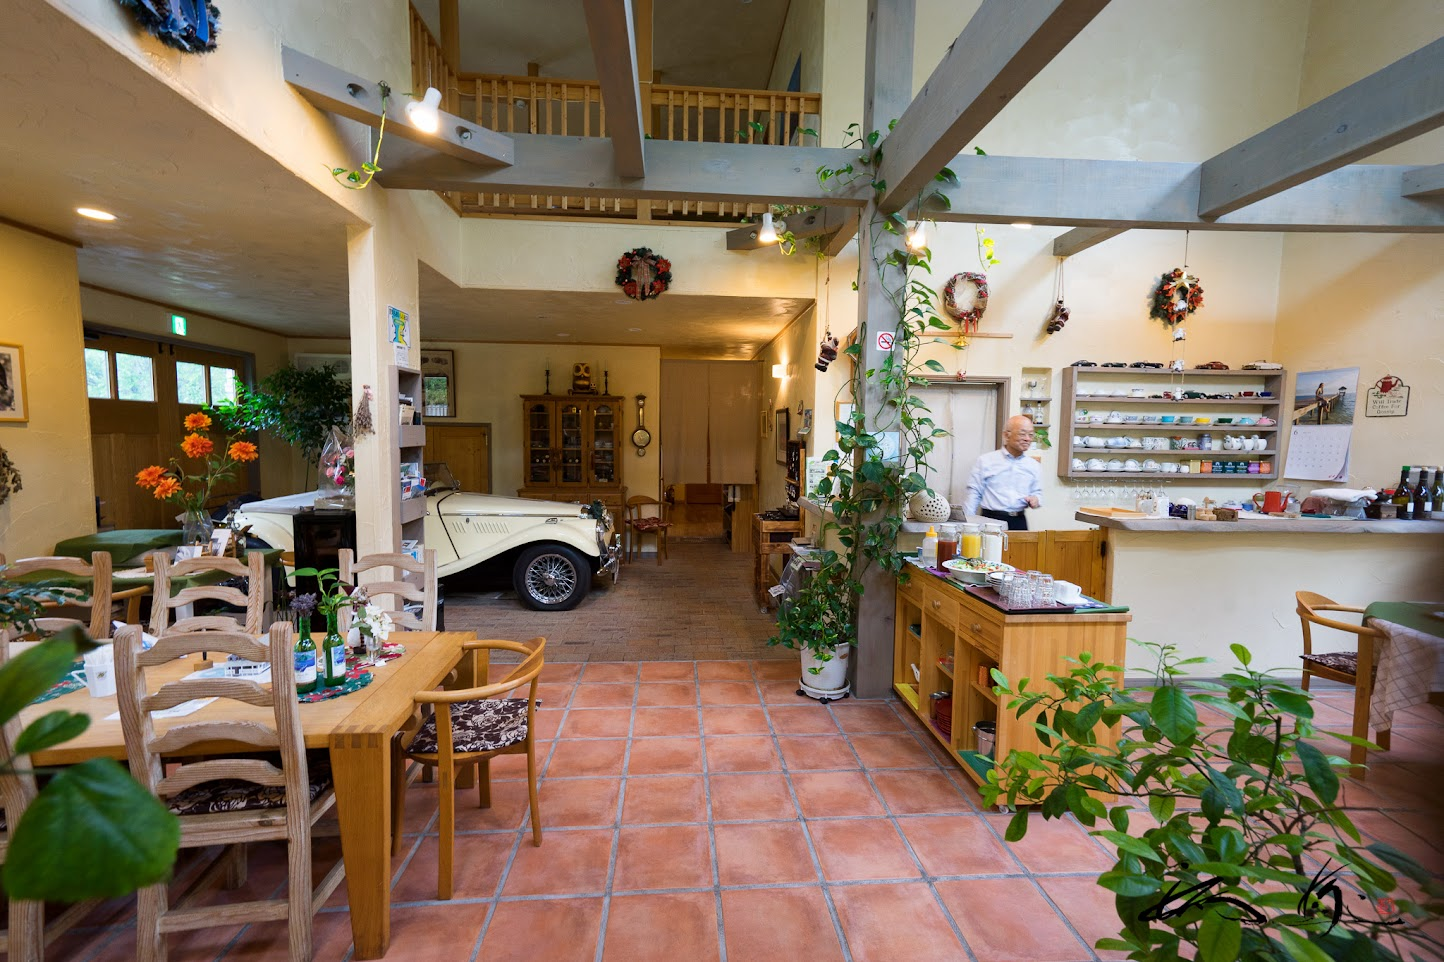 テラコッタタイルの床、漆喰と珪藻土の壁などこどわりの館内